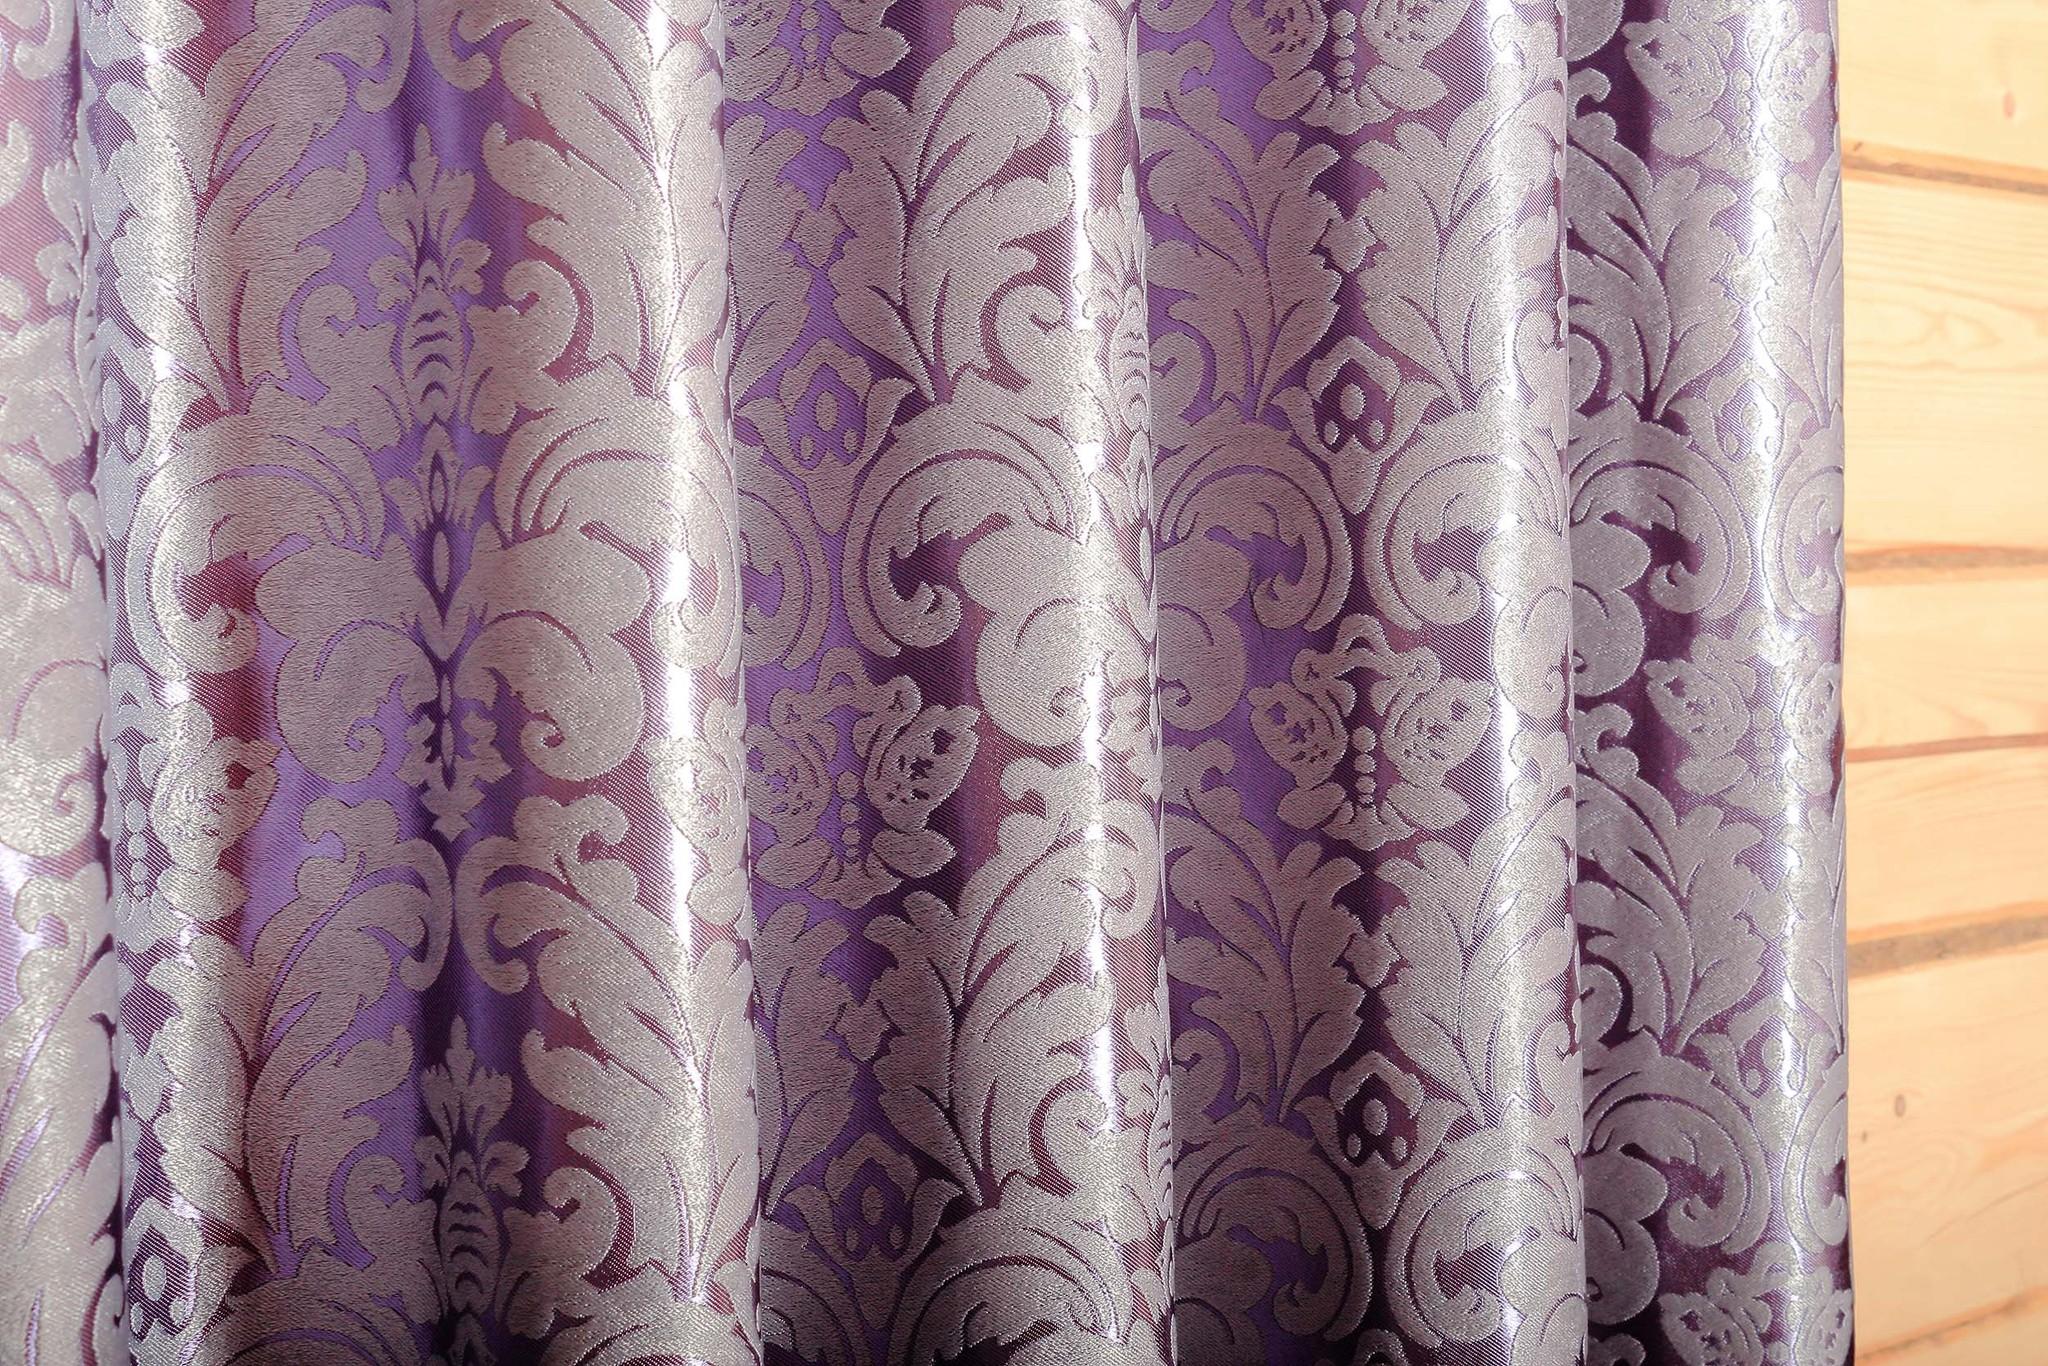 Венеция (фиолетовый) .Готовая штора блэкаут жаккард с шинилом в стиле дамаск.